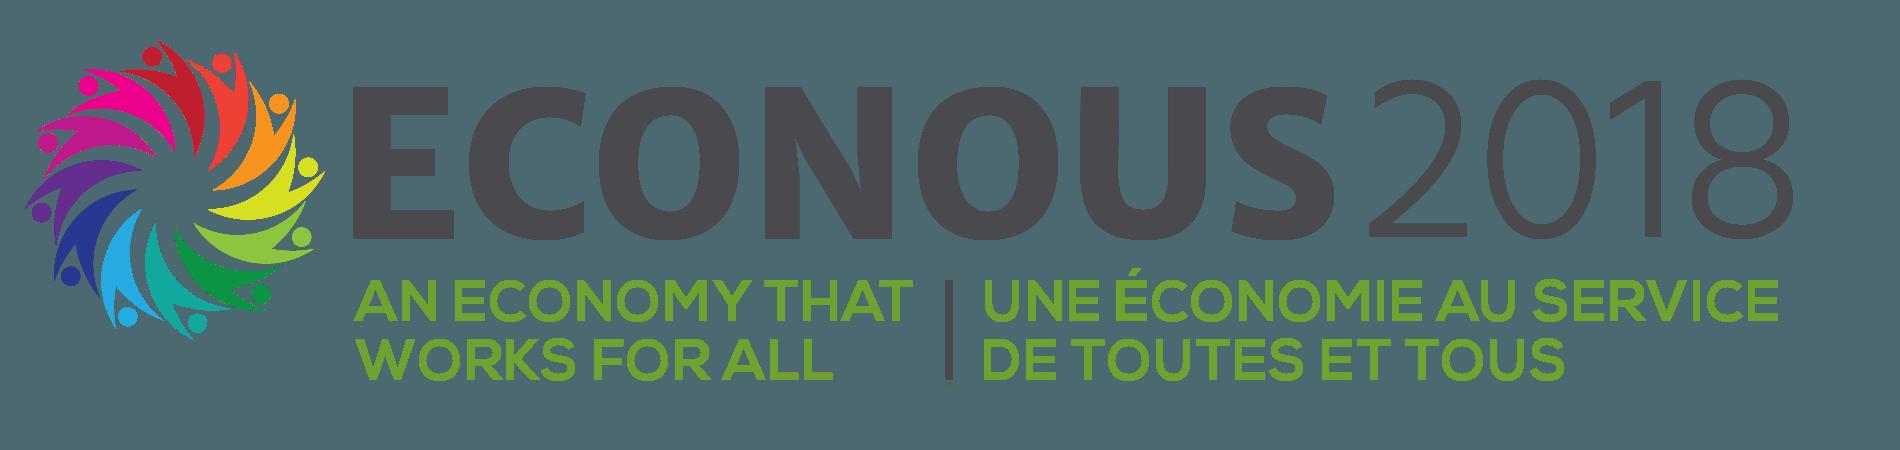 ECONOUS2018